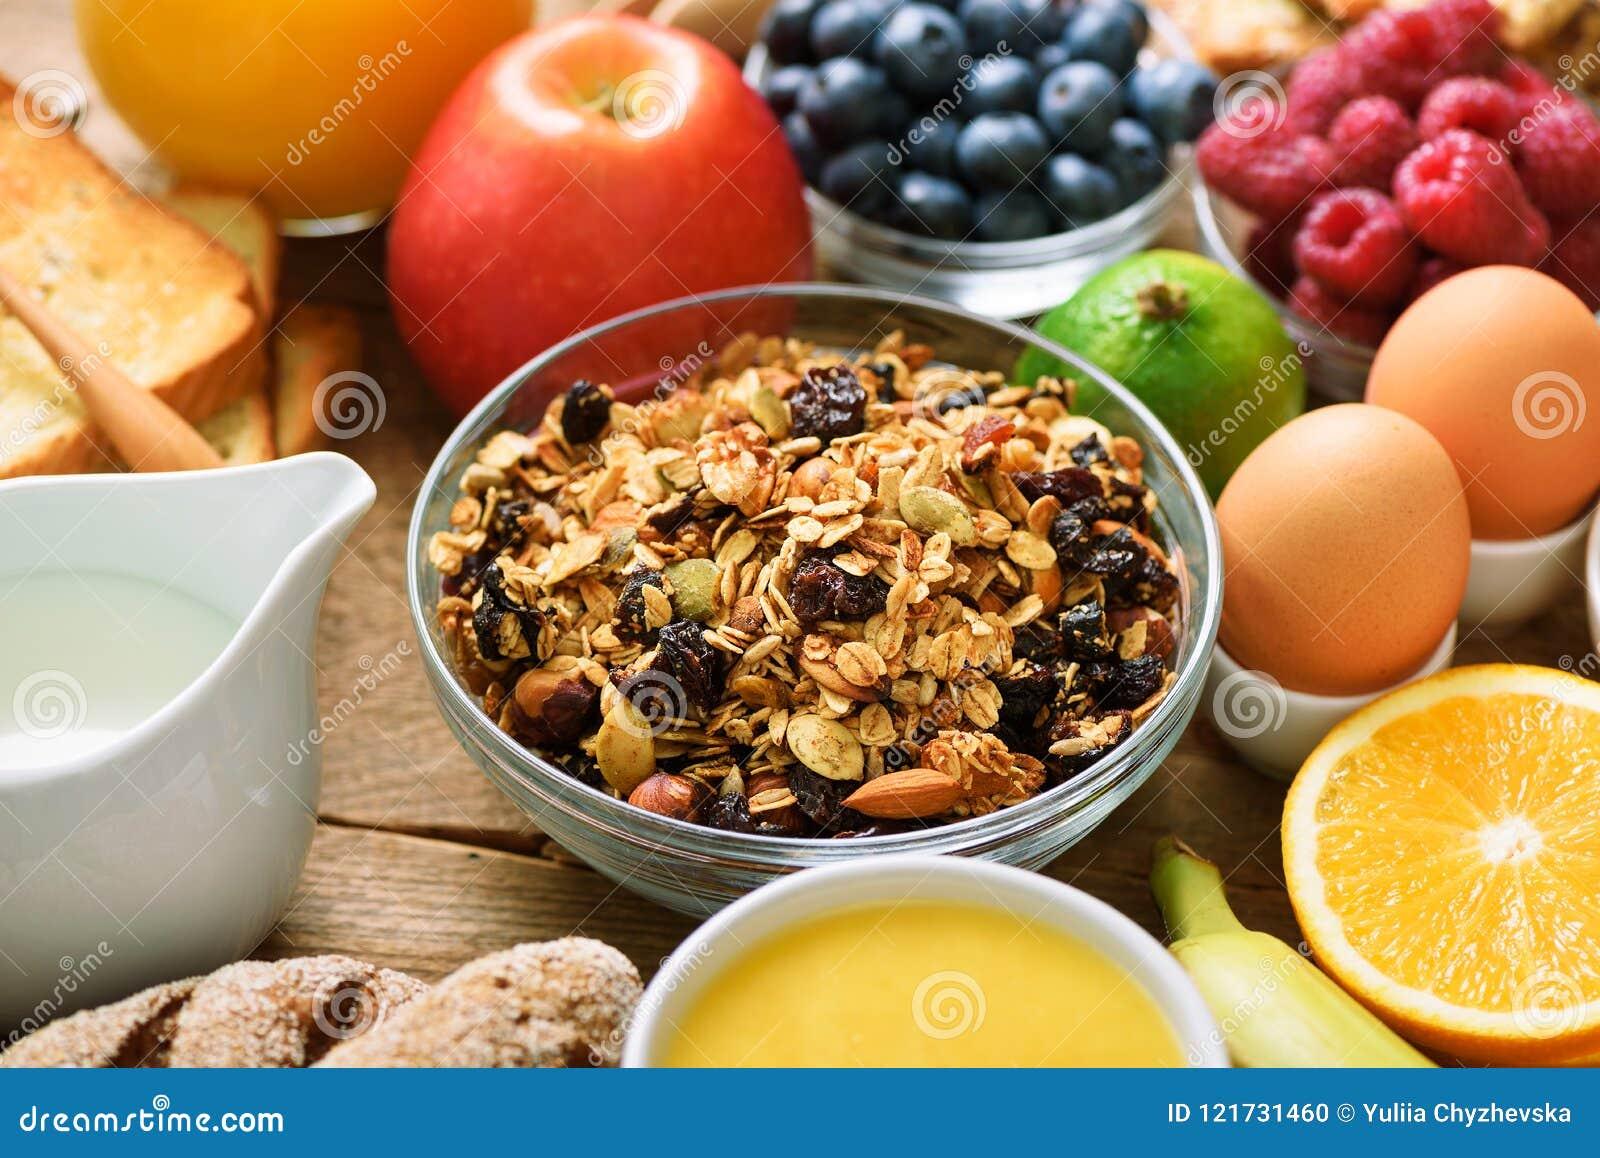 Здоровые ингридиенты завтрака, рамка еды Granola, яичко, гайки, плодоовощи, ягоды, здравица, молоко, югурт, апельсиновый сок